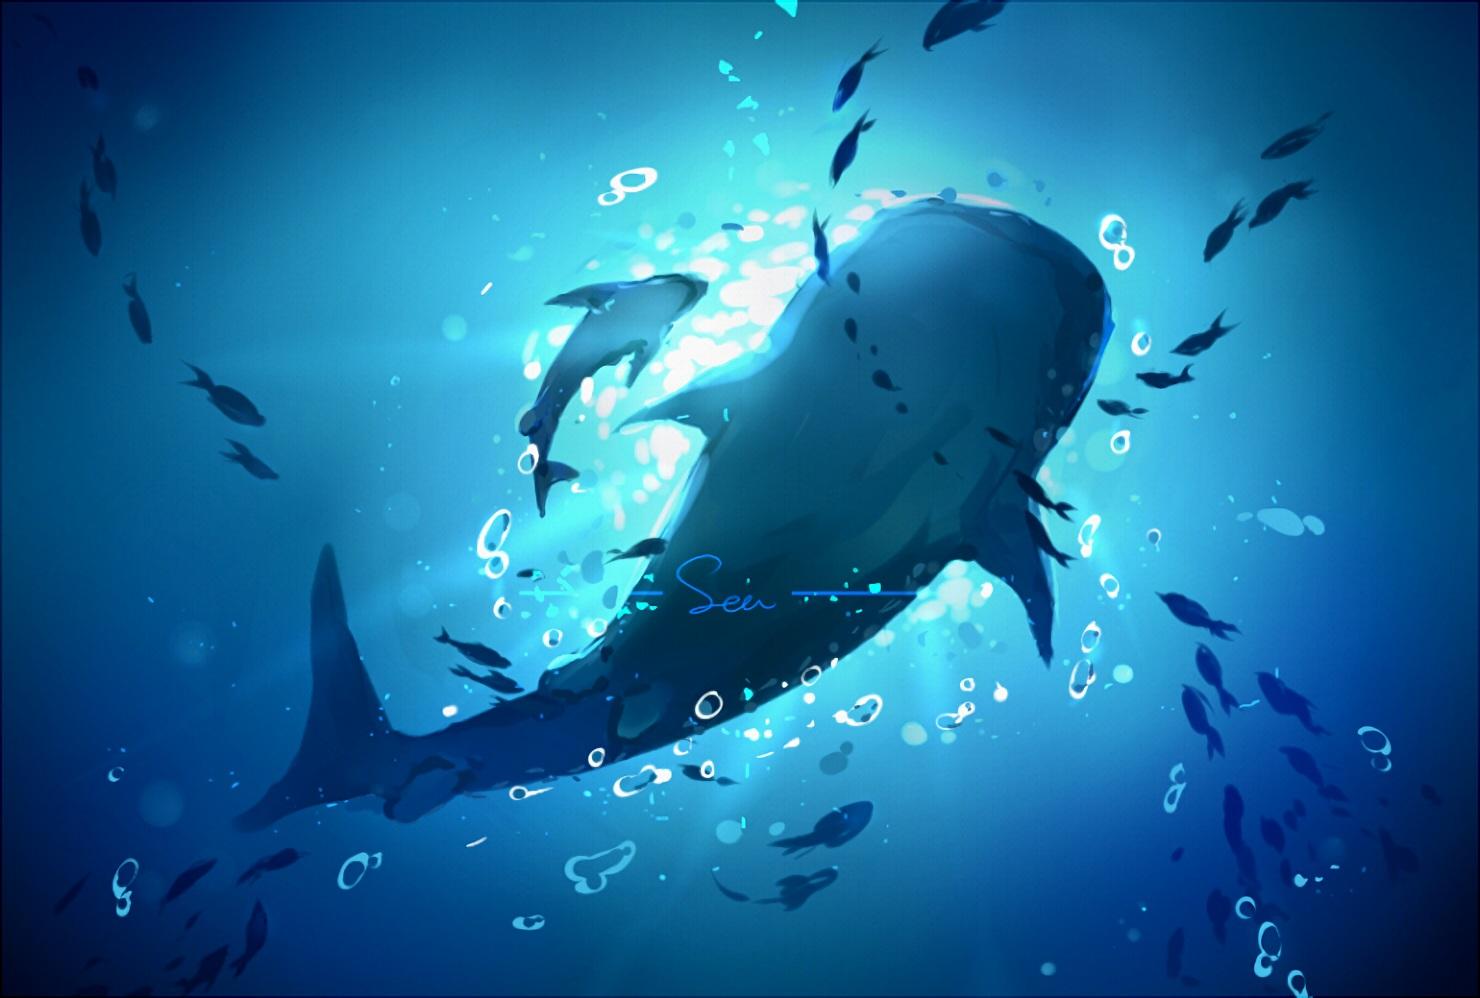 animal free! nobody scenic underwater waifu2x water yuzhi